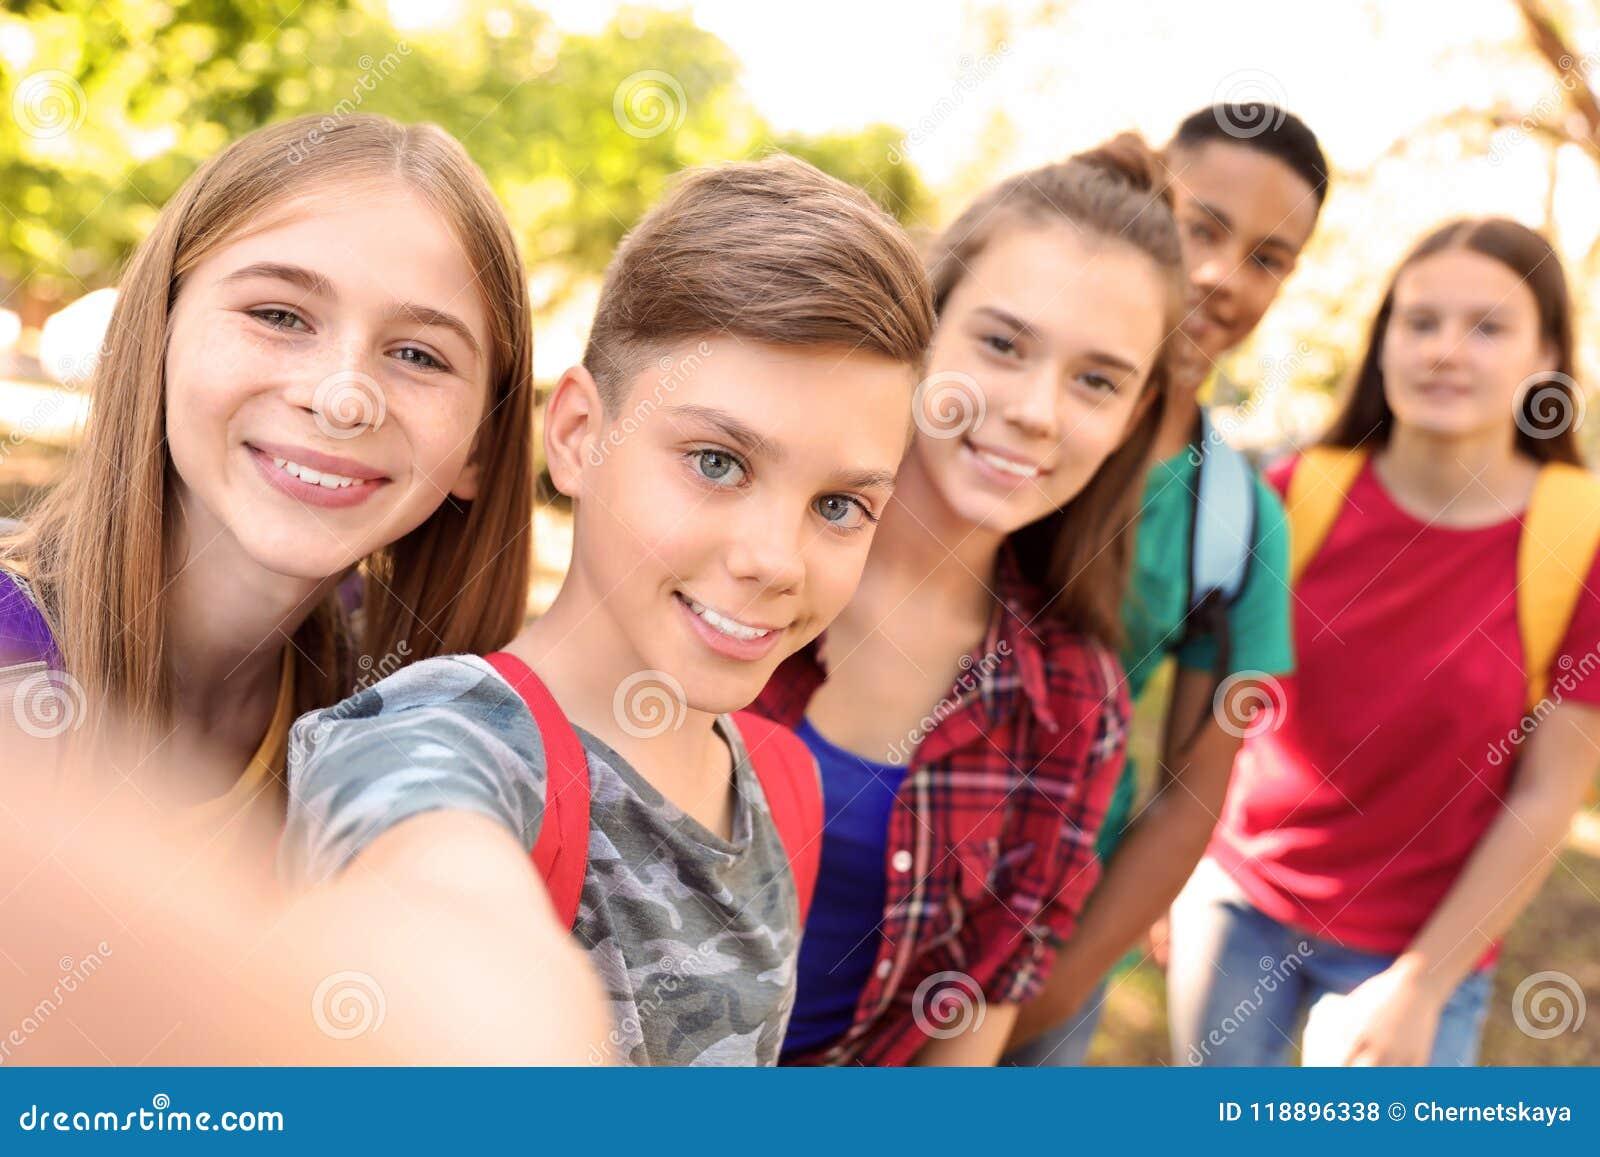 Groep kinderen die selfie in openlucht nemen